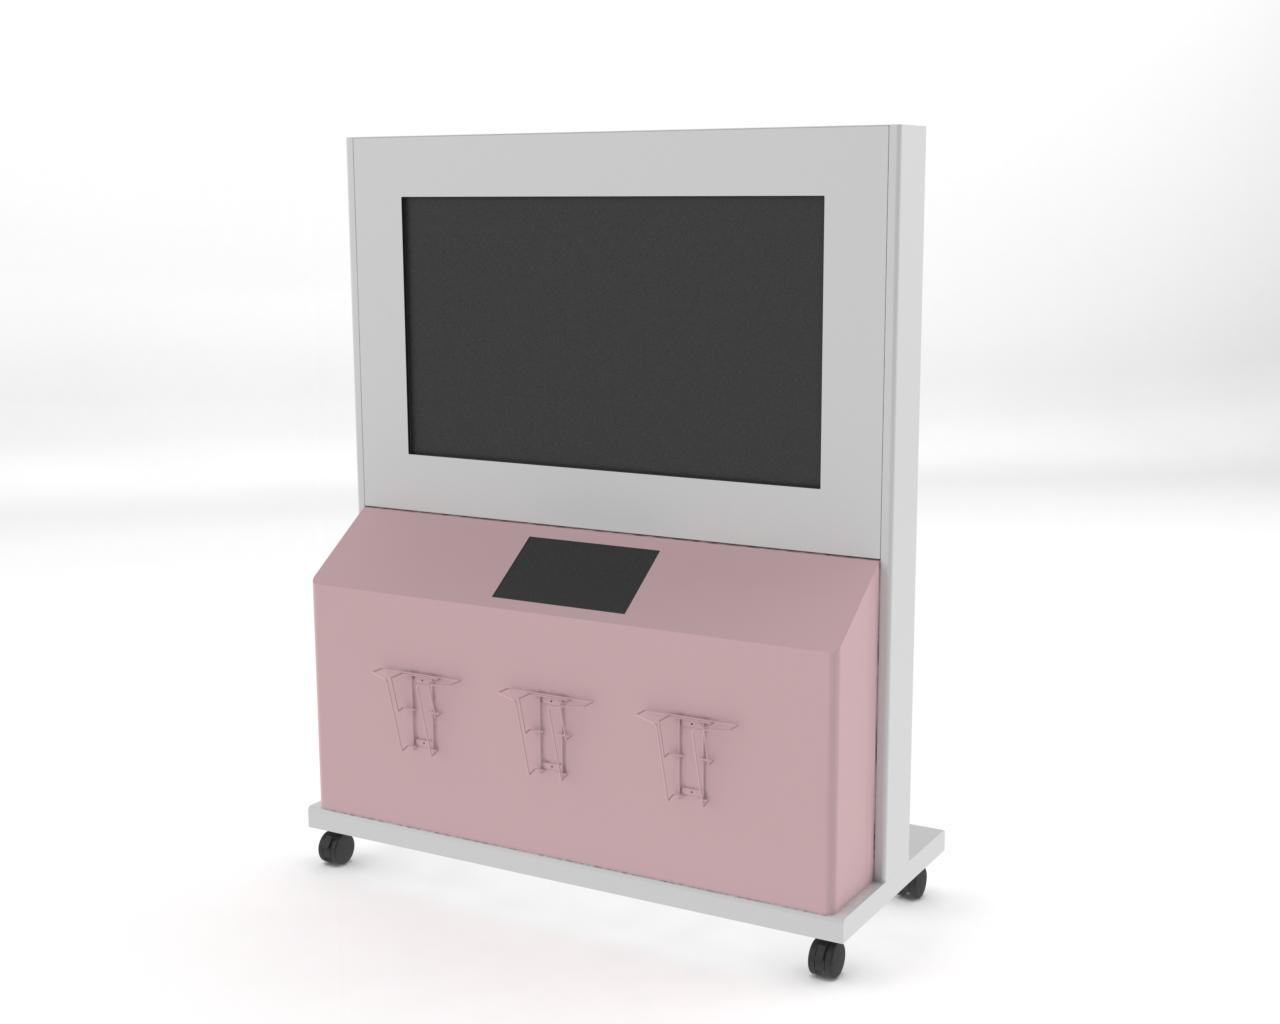 ケーシング タッチパネル+横型ディスプレイ